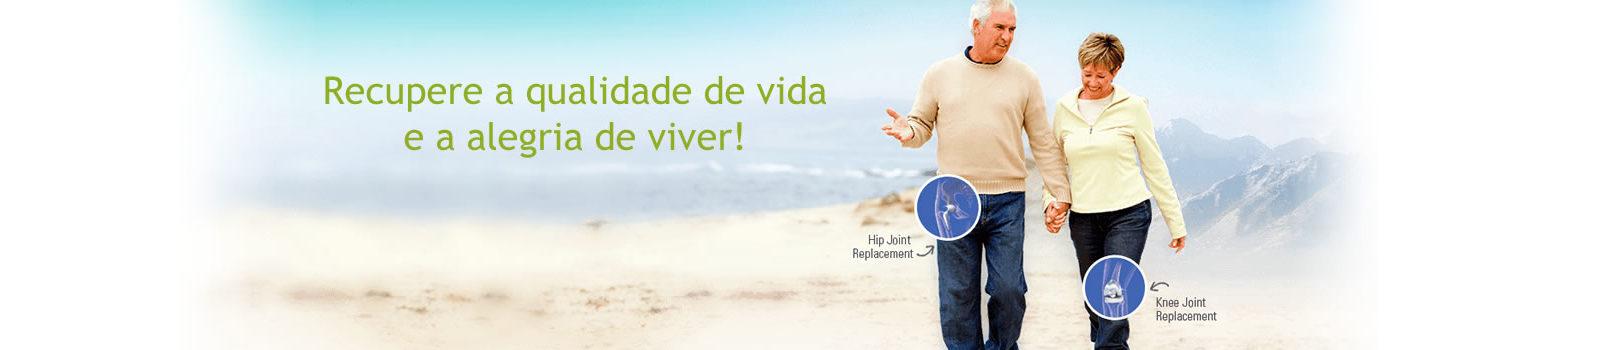 clinica de ortopedia da terceira idades Rio de Janeiro